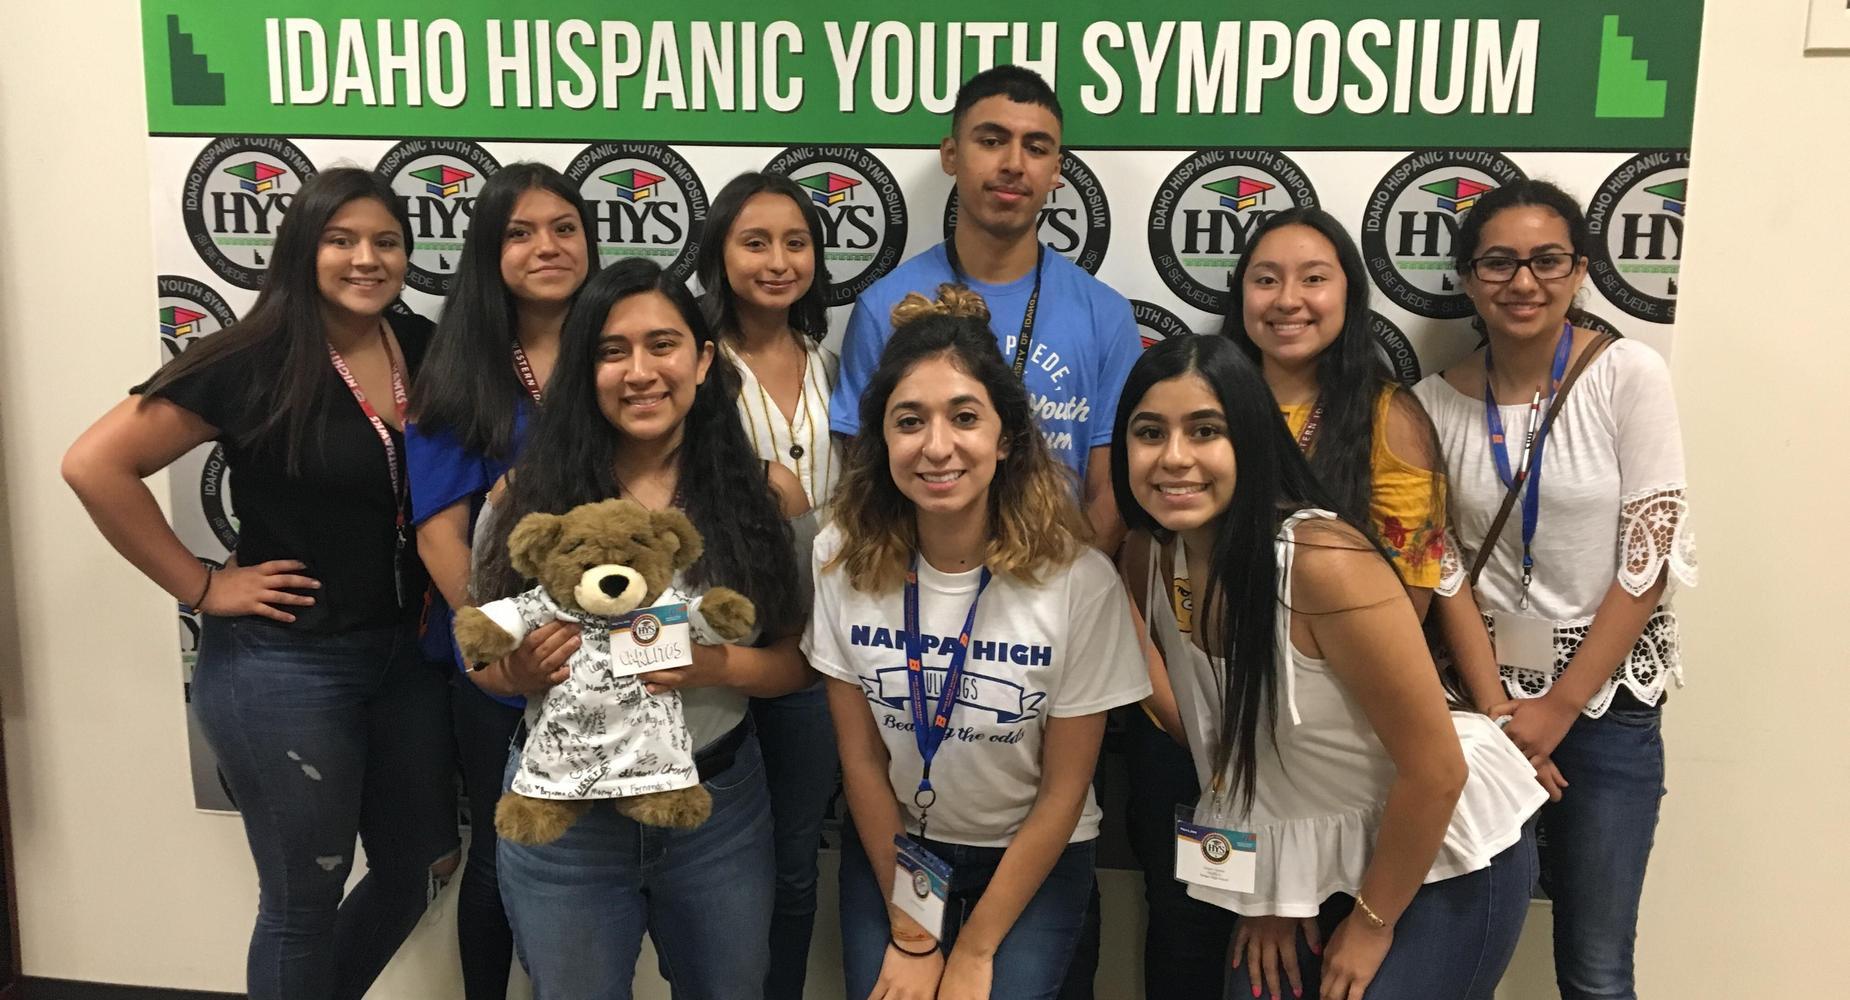 Hispanic Youth Symposium Group Photo